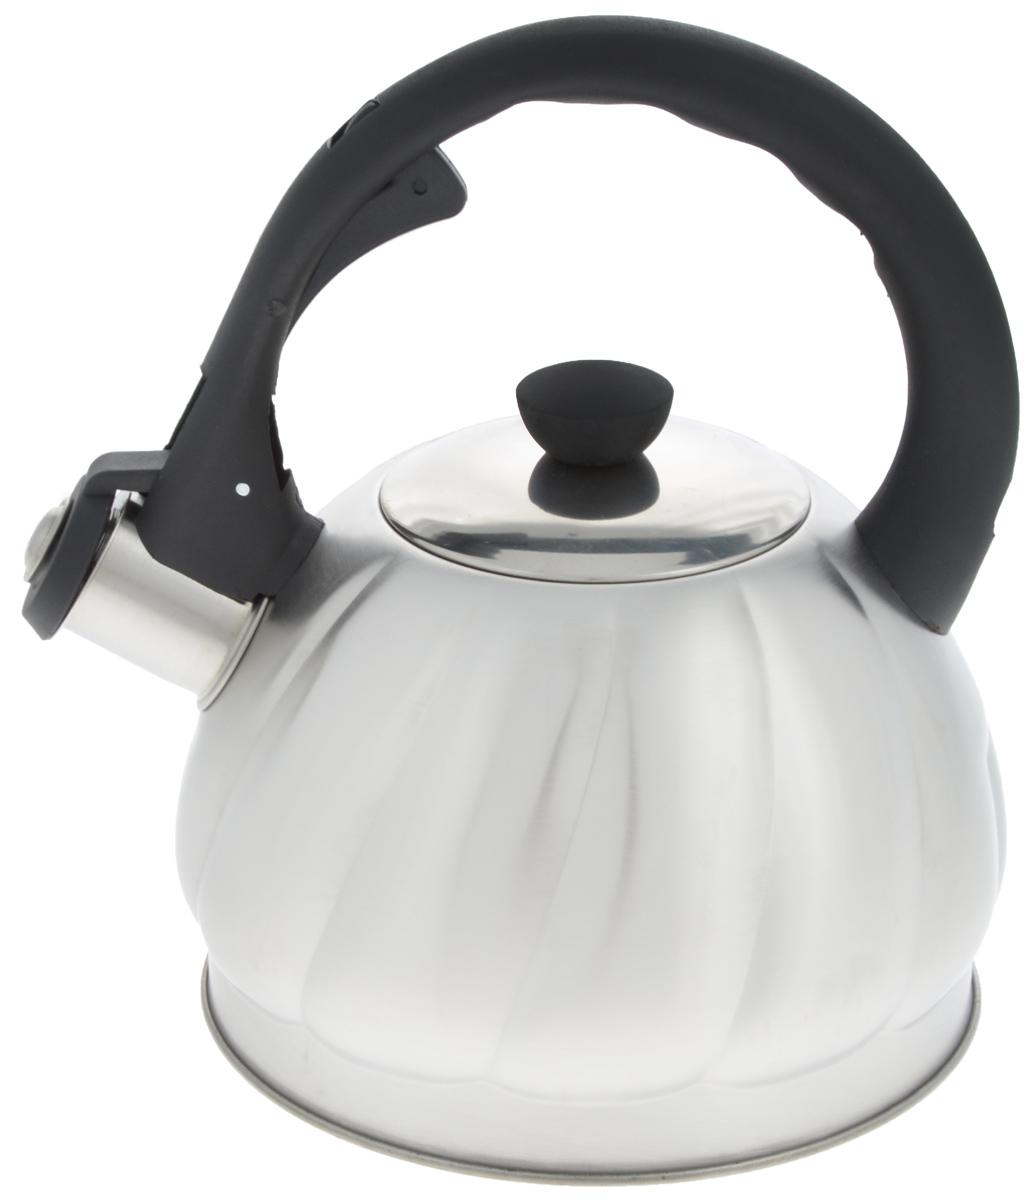 Чайник Mayer & Boch, со свистком, 2 л. 2589625896Чайник со свистком Mayer & Boch изготовлен из высококачественной нержавеющей стали, что обеспечивает долговечность использования. Носик чайника оснащен откидным свистком, звуковой сигнал которого подскажет, когда закипит вода. Свисток открывается нажатием кнопки на фиксированной ручке, сделанной из пластика. Чайник Mayer & Boch - качественное исполнение и стильное решение для вашей кухни. Подходит для всех типов плит, включая индукционные. Можно мыть в посудомоечной машине. Высота чайника (с учетом ручки и крышки): 22,5 см.Высота чайника (без учета ручки и крышки): 12 см.Диаметр чайника (по верхнему краю): 9 см.Диаметр основания: 16,5 см.